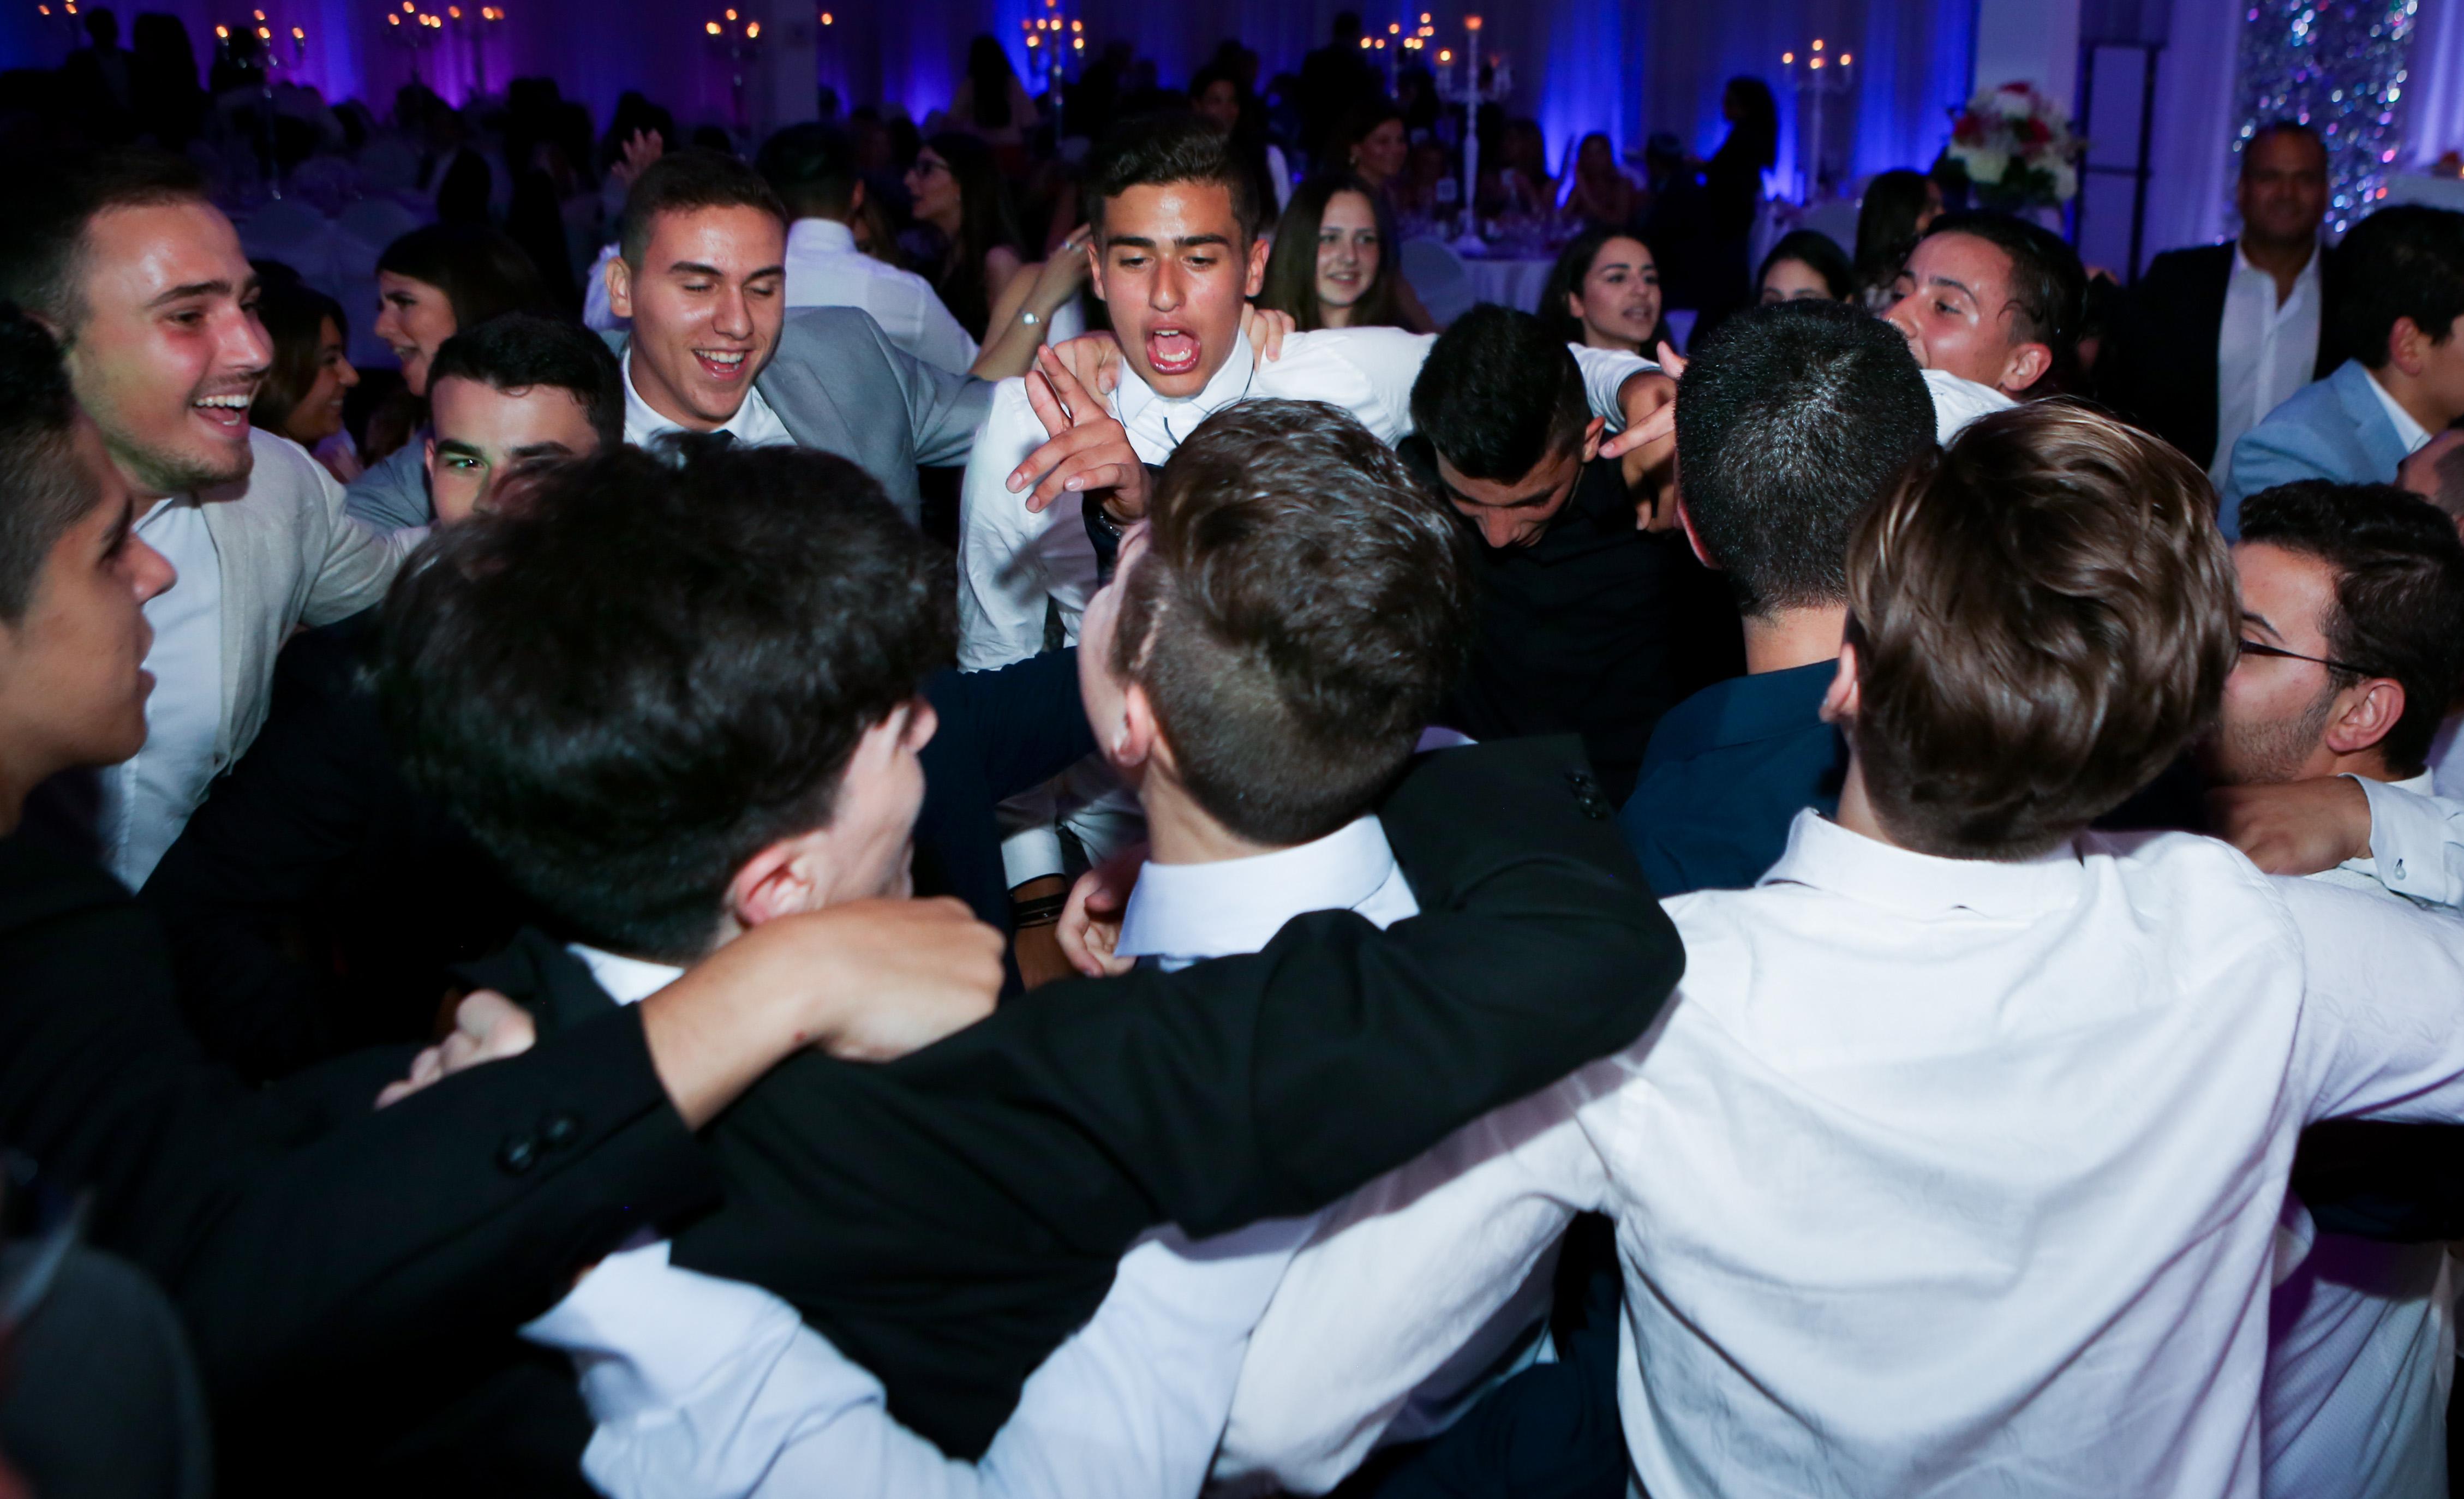 Boys In Circle